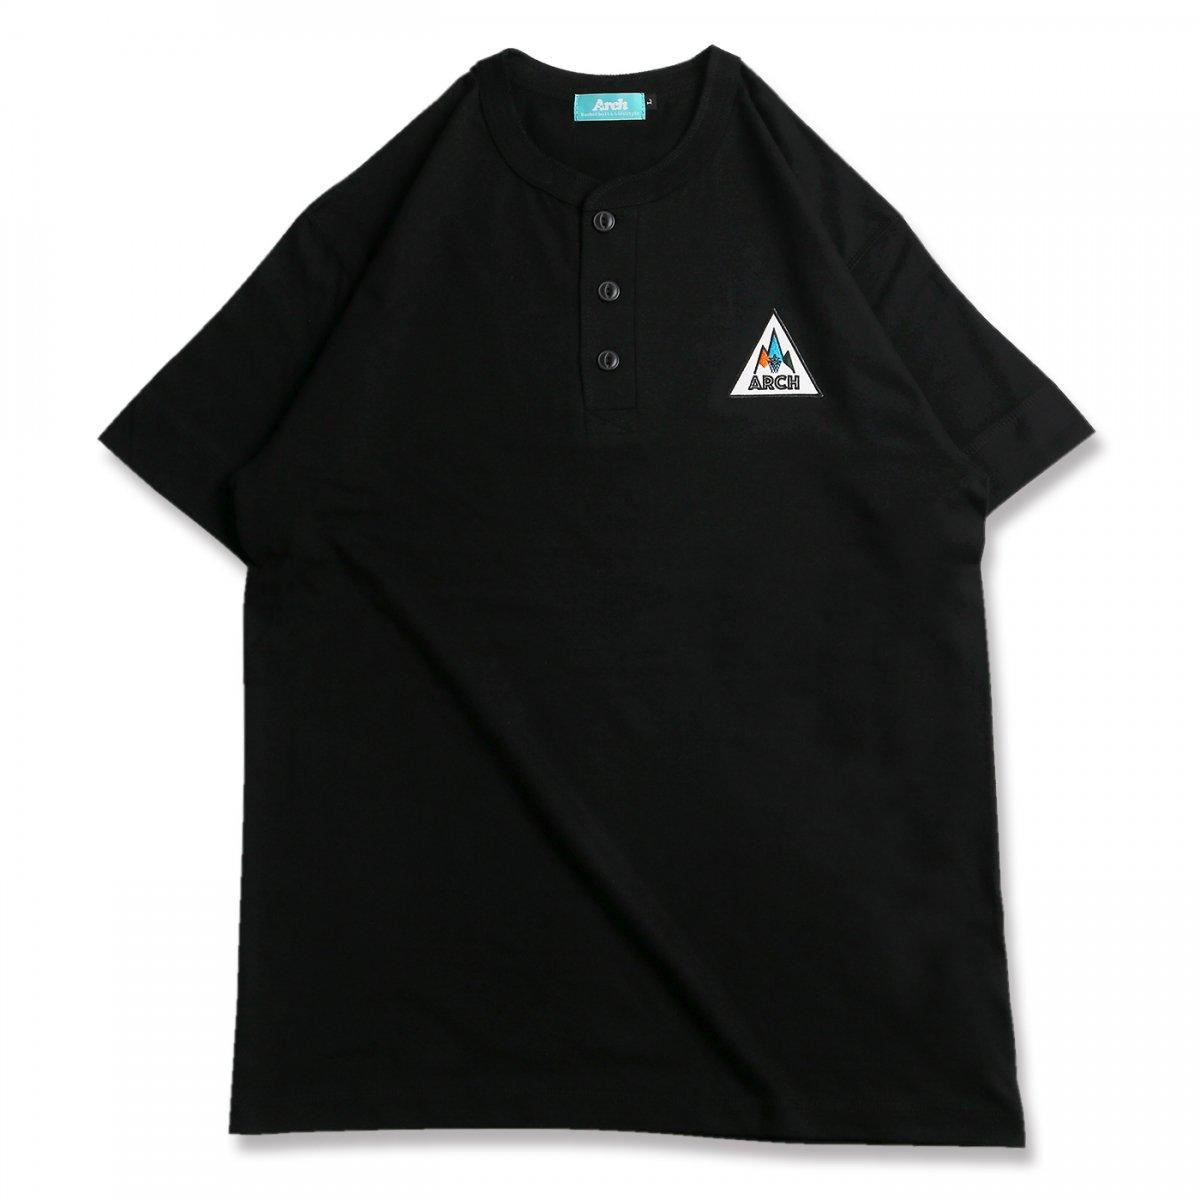 バスケ アーチ ゴーアラウンド ヘンリー Tシャツ ブラック